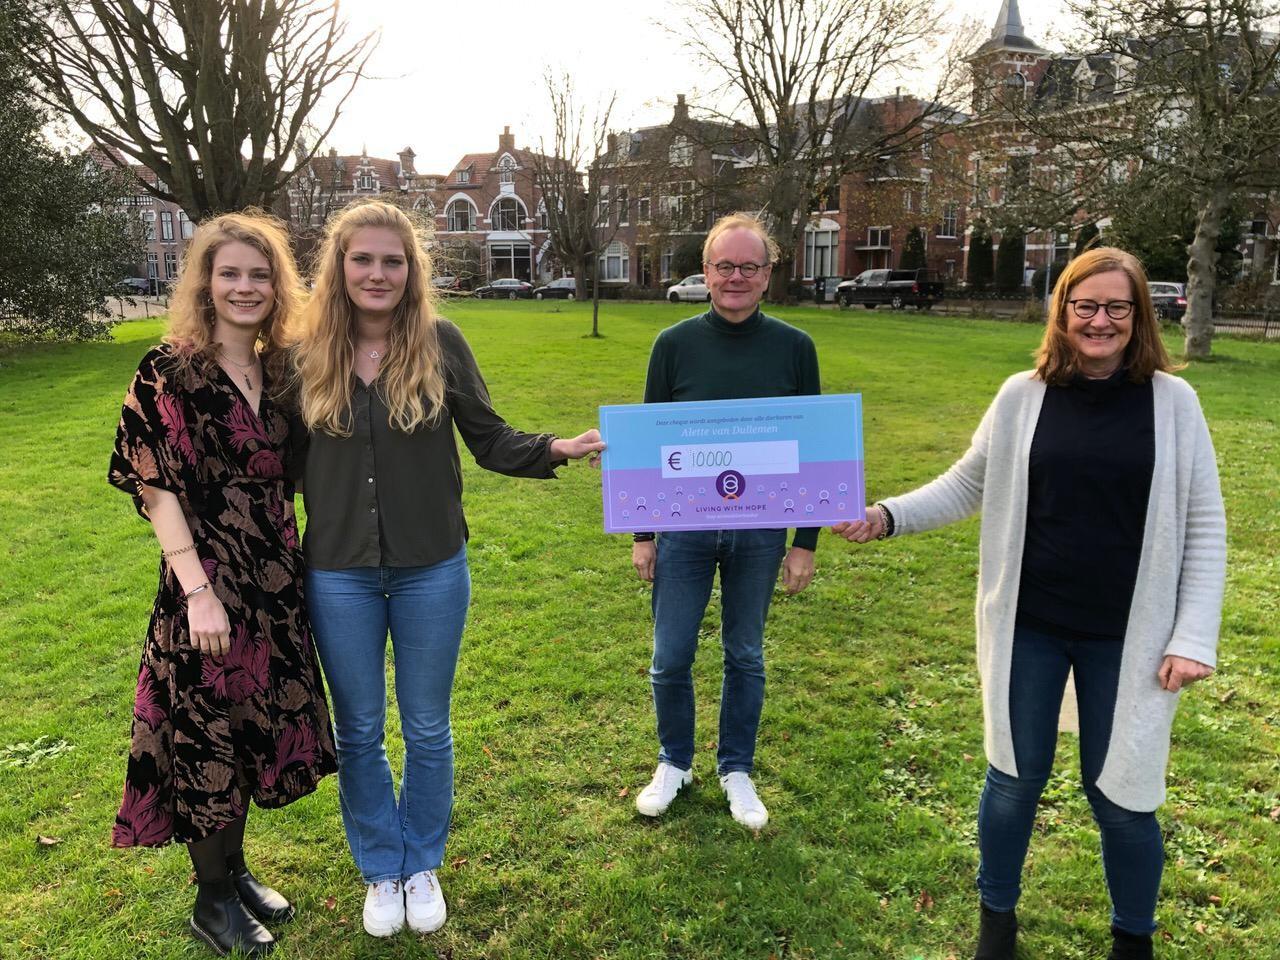 Op de foto van links naar rechts: Alettes dochters Emmeline en Julia, haar man Ton en daarnaast Hannelore namens Living With Hope.